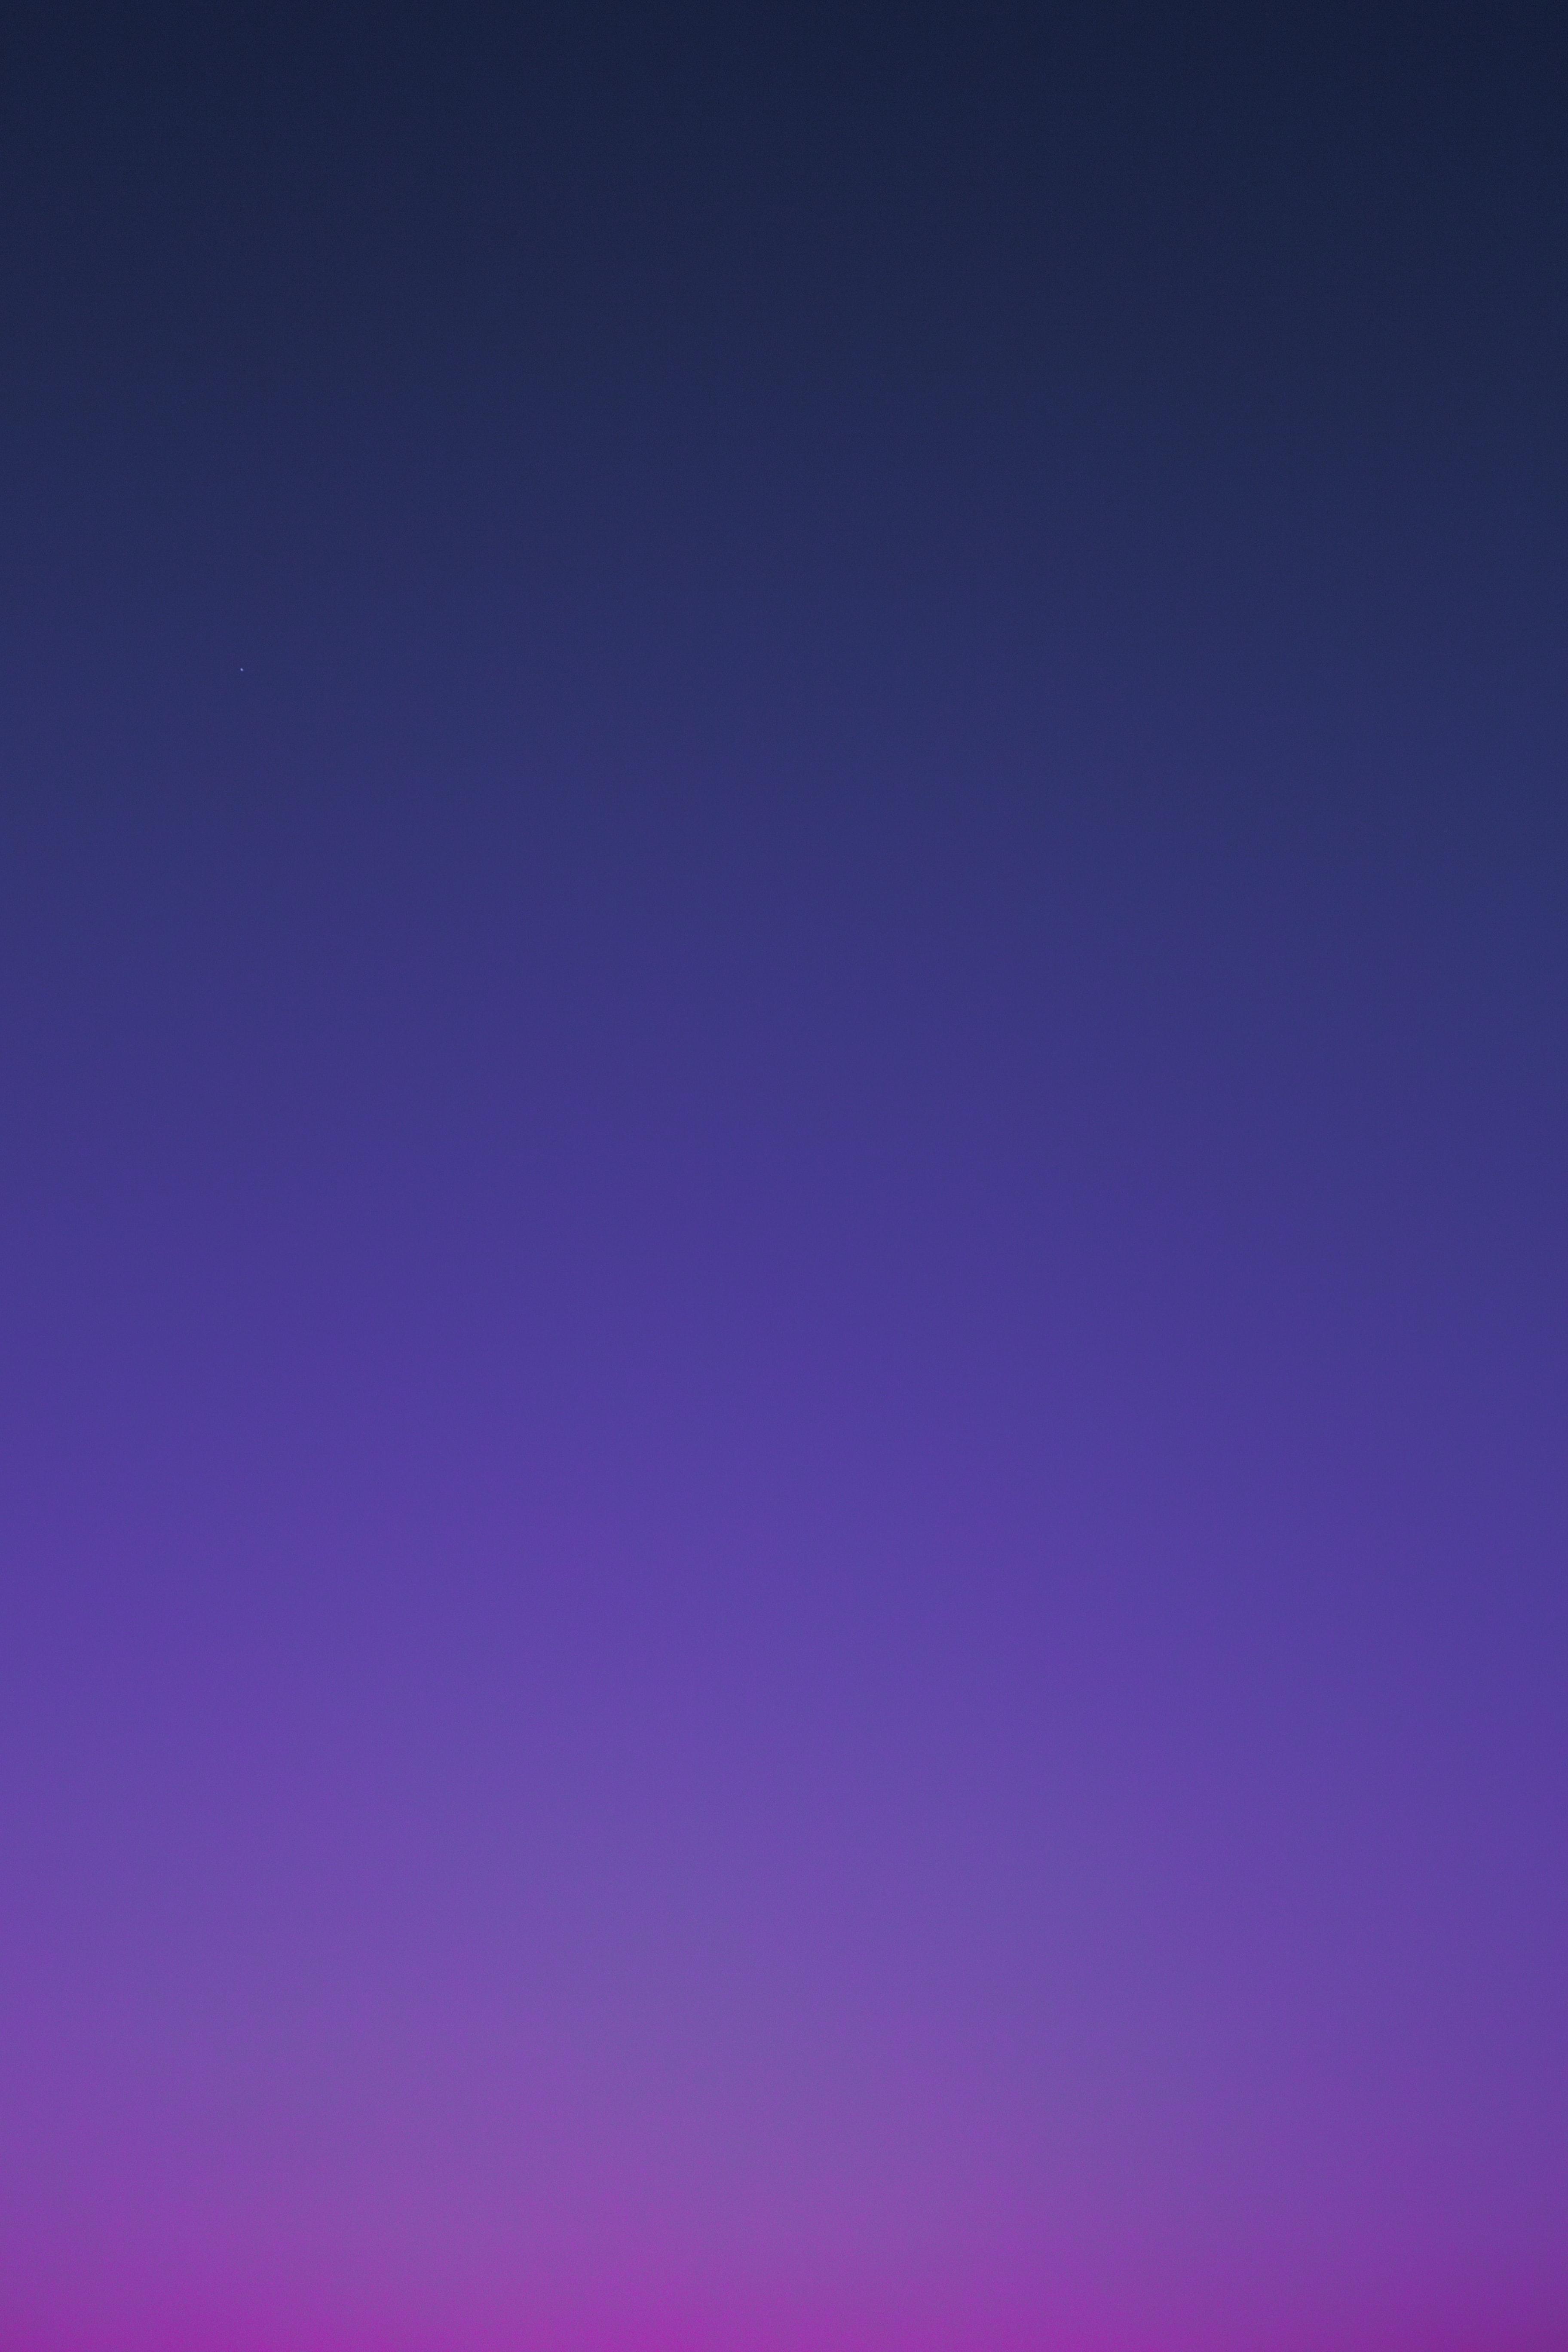 156868 papel de parede 320x480 em seu telefone gratuitamente, baixe imagens Natureza, Céu, Noite, Violeta, Tarde, Roxo, Gradiente 320x480 em seu celular